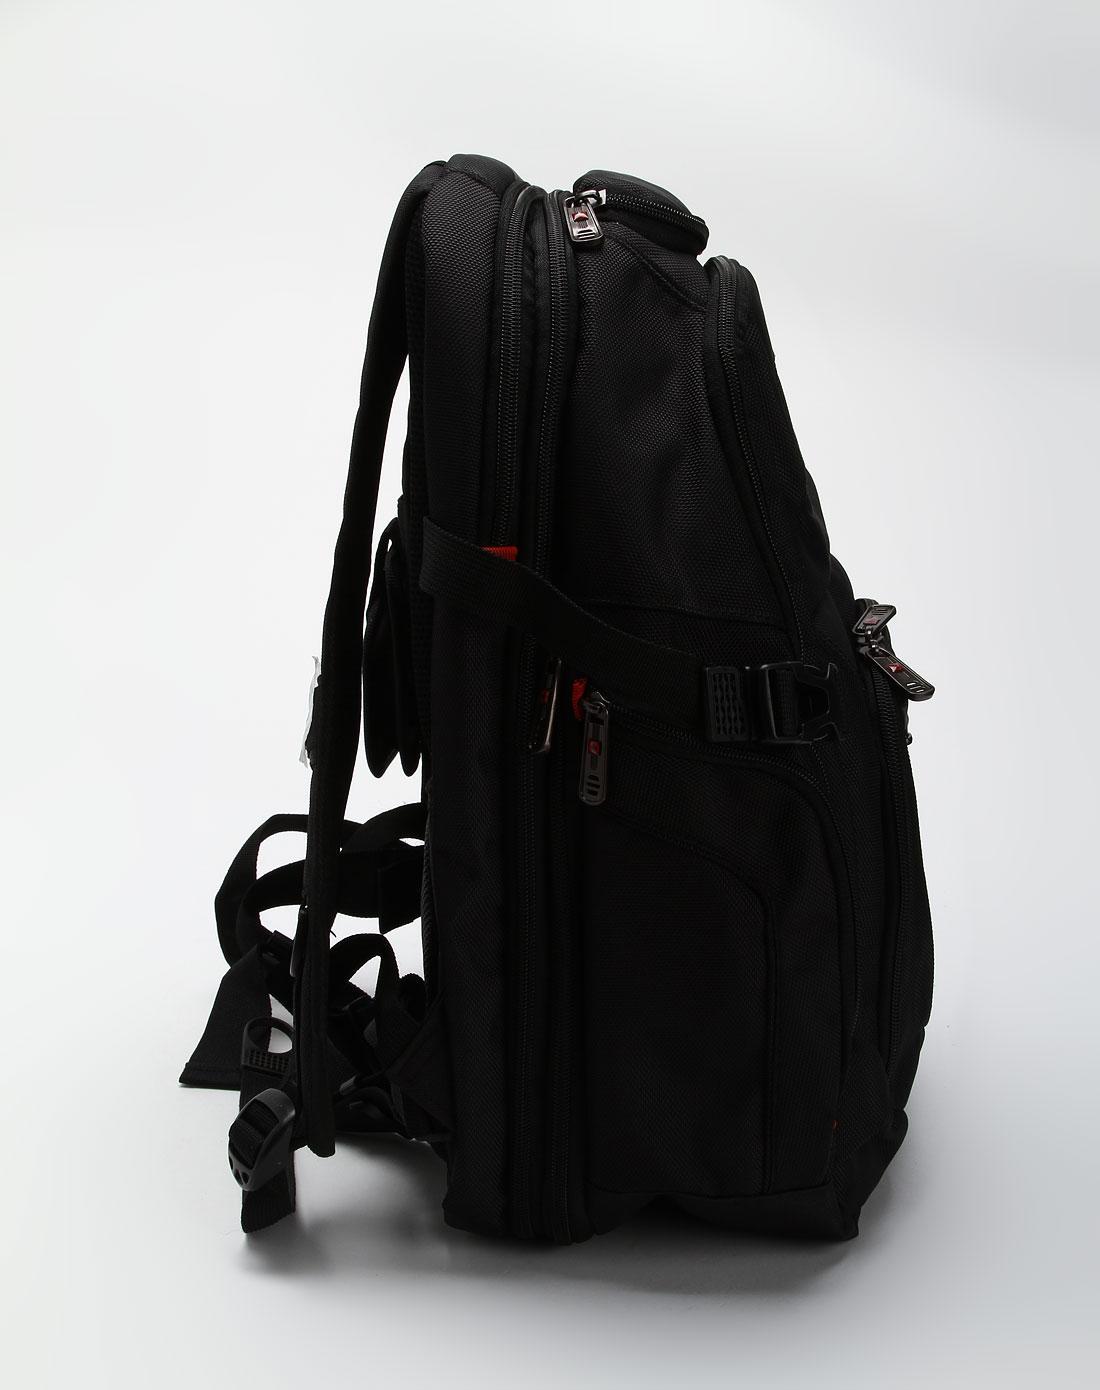 中性黑色多袋双肩电脑背包